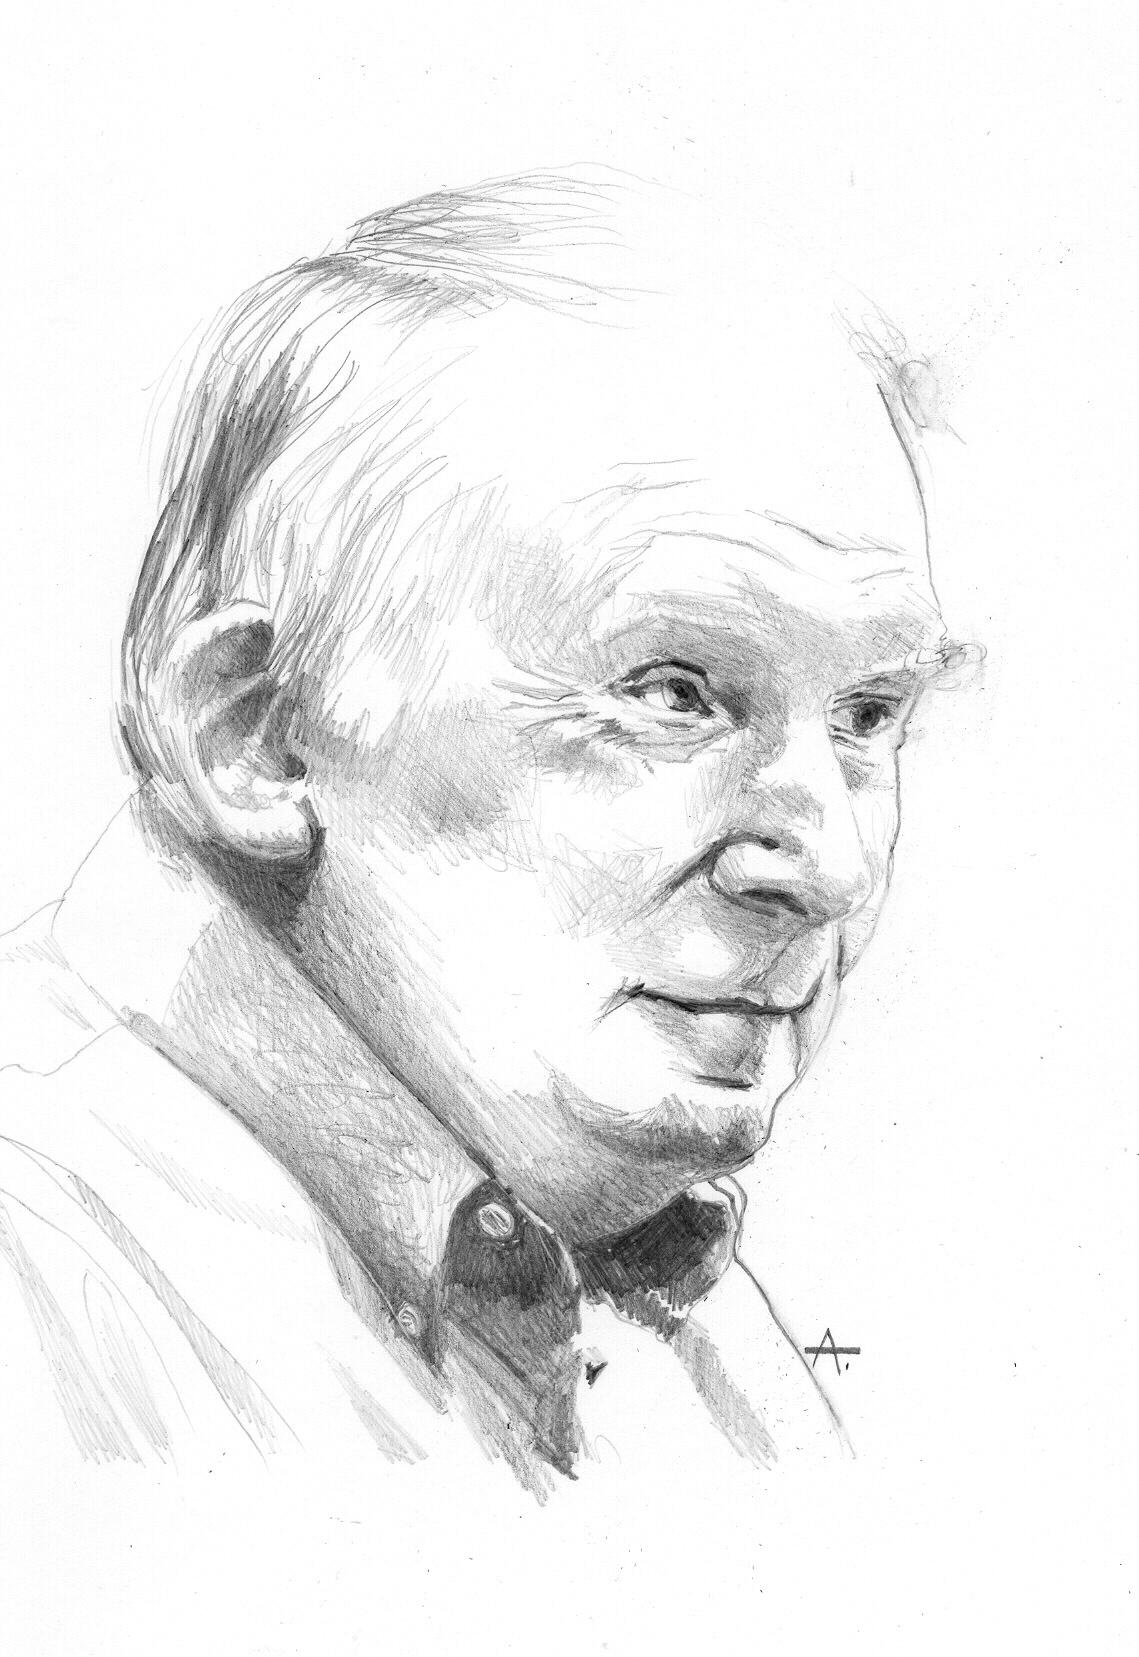 Howard Frank Mosher